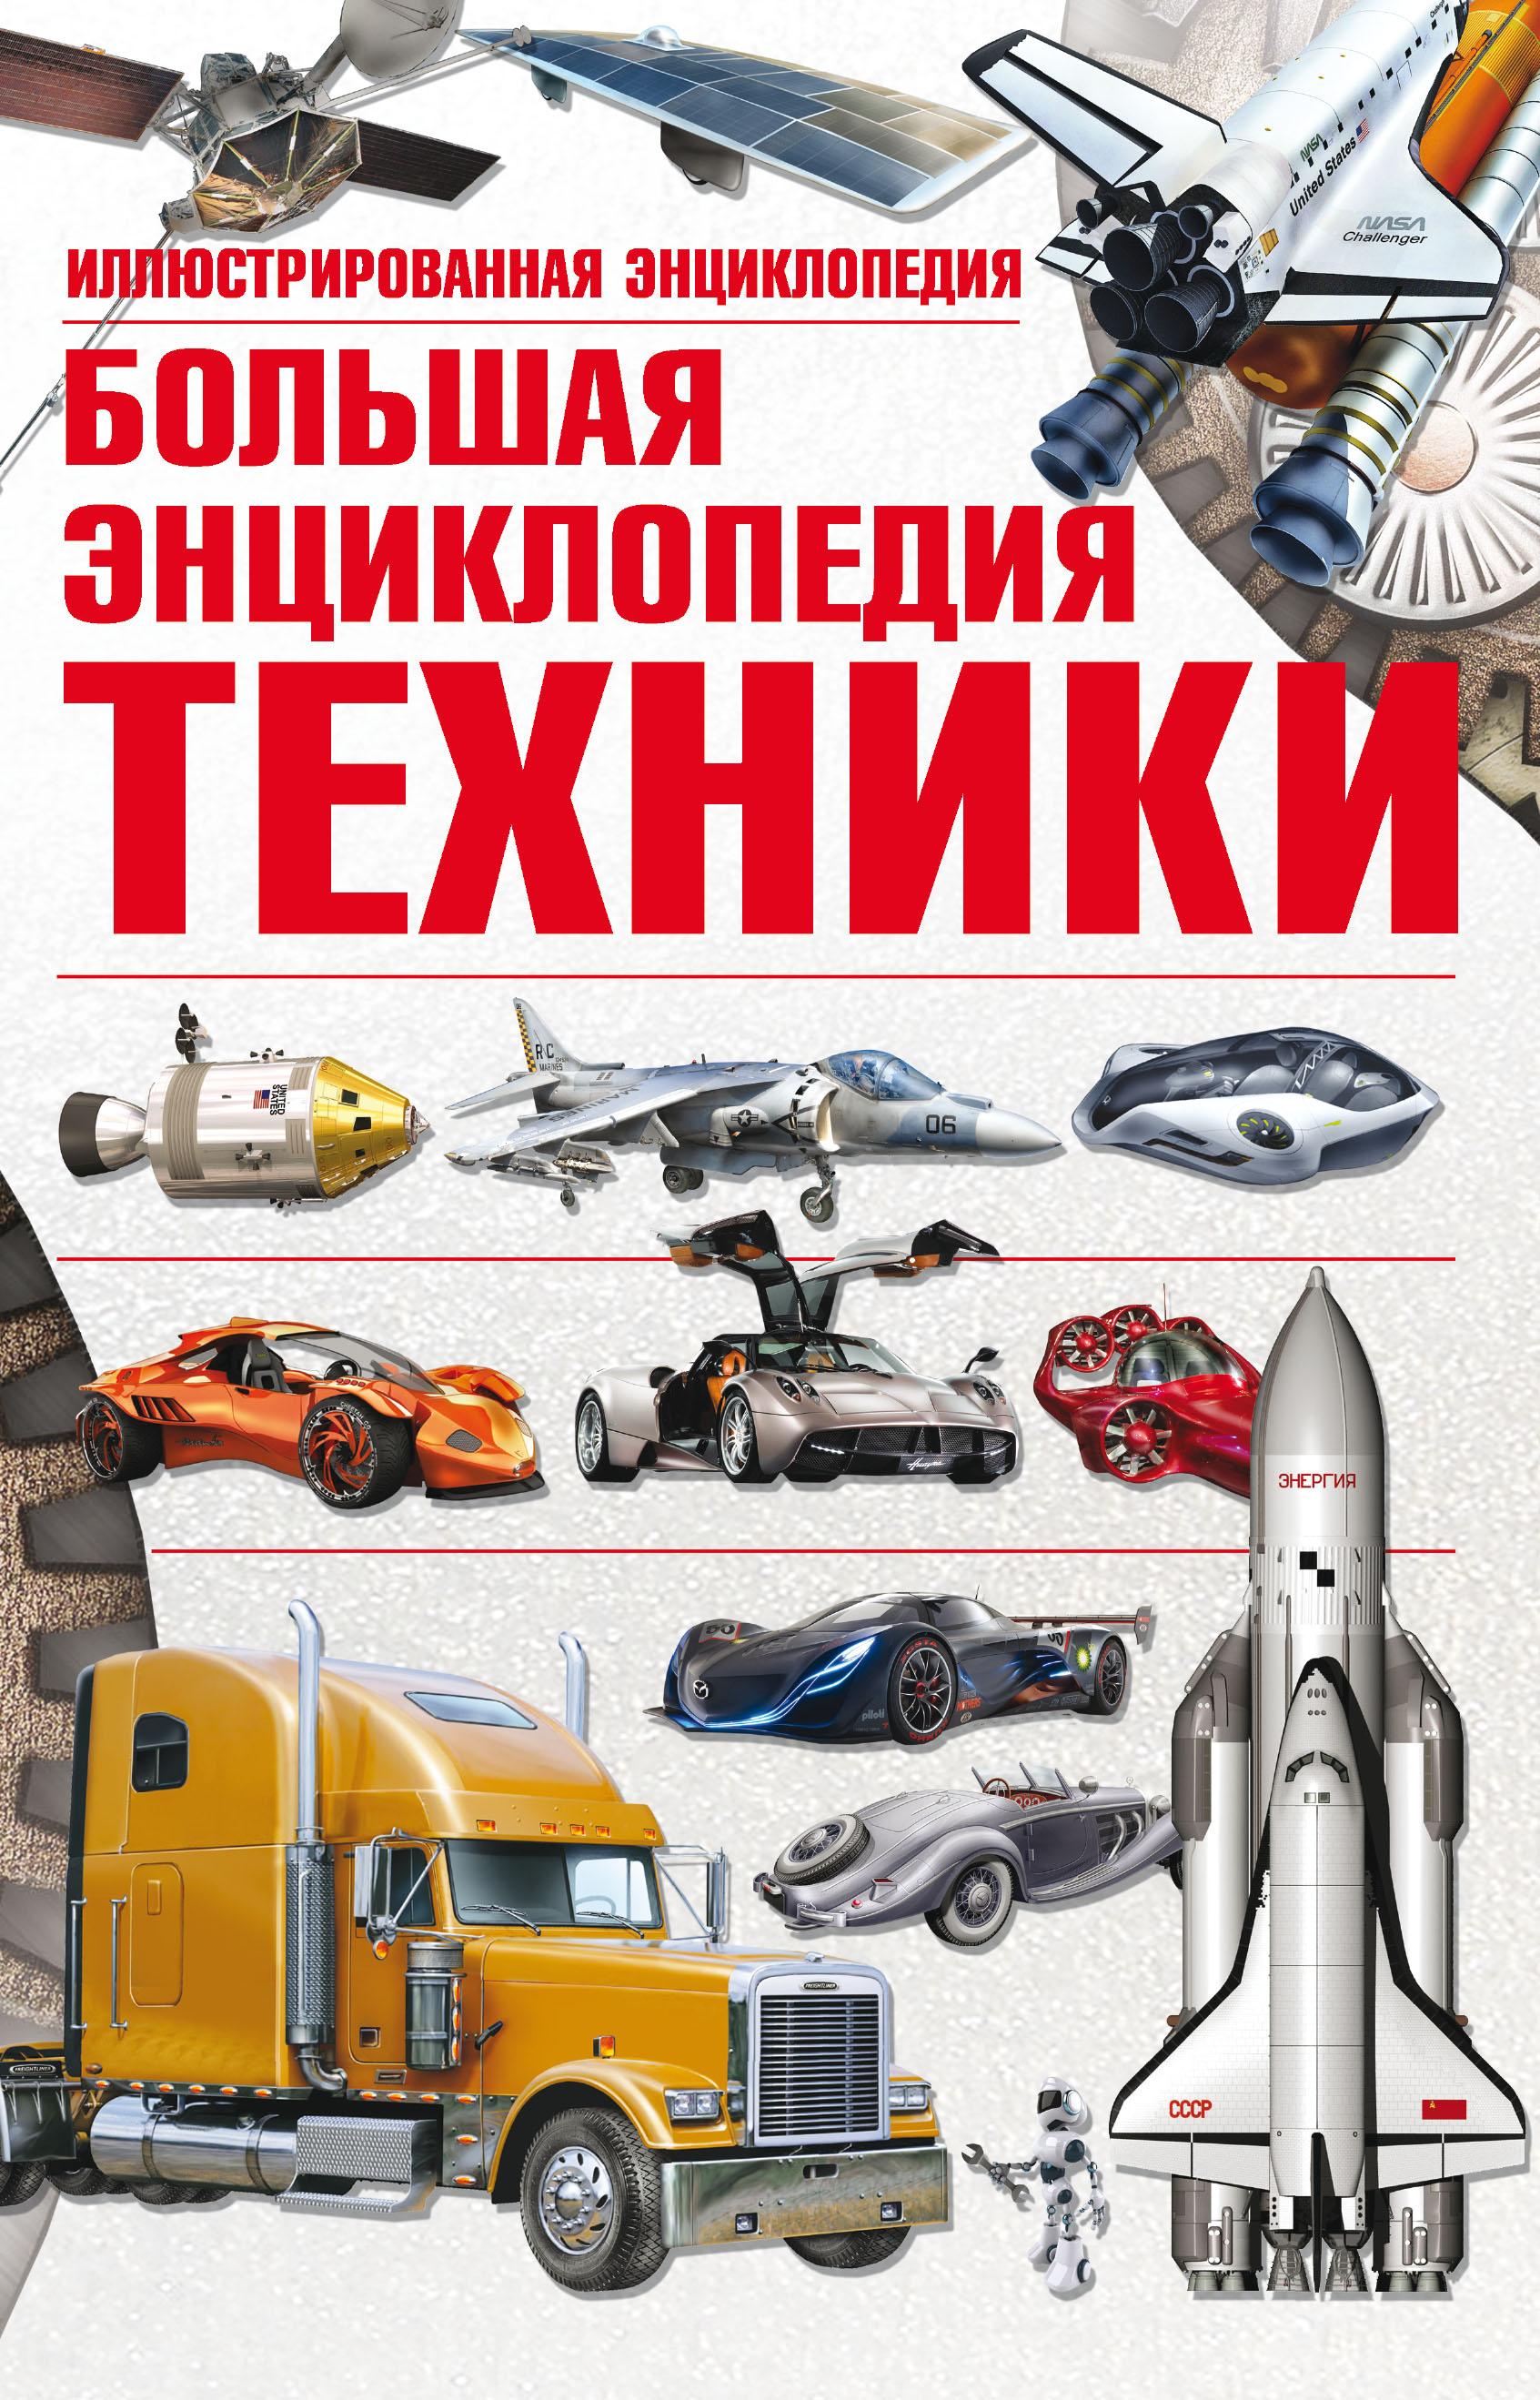 Большая энциклопедия техники. Иллюстрированная энциклопедия